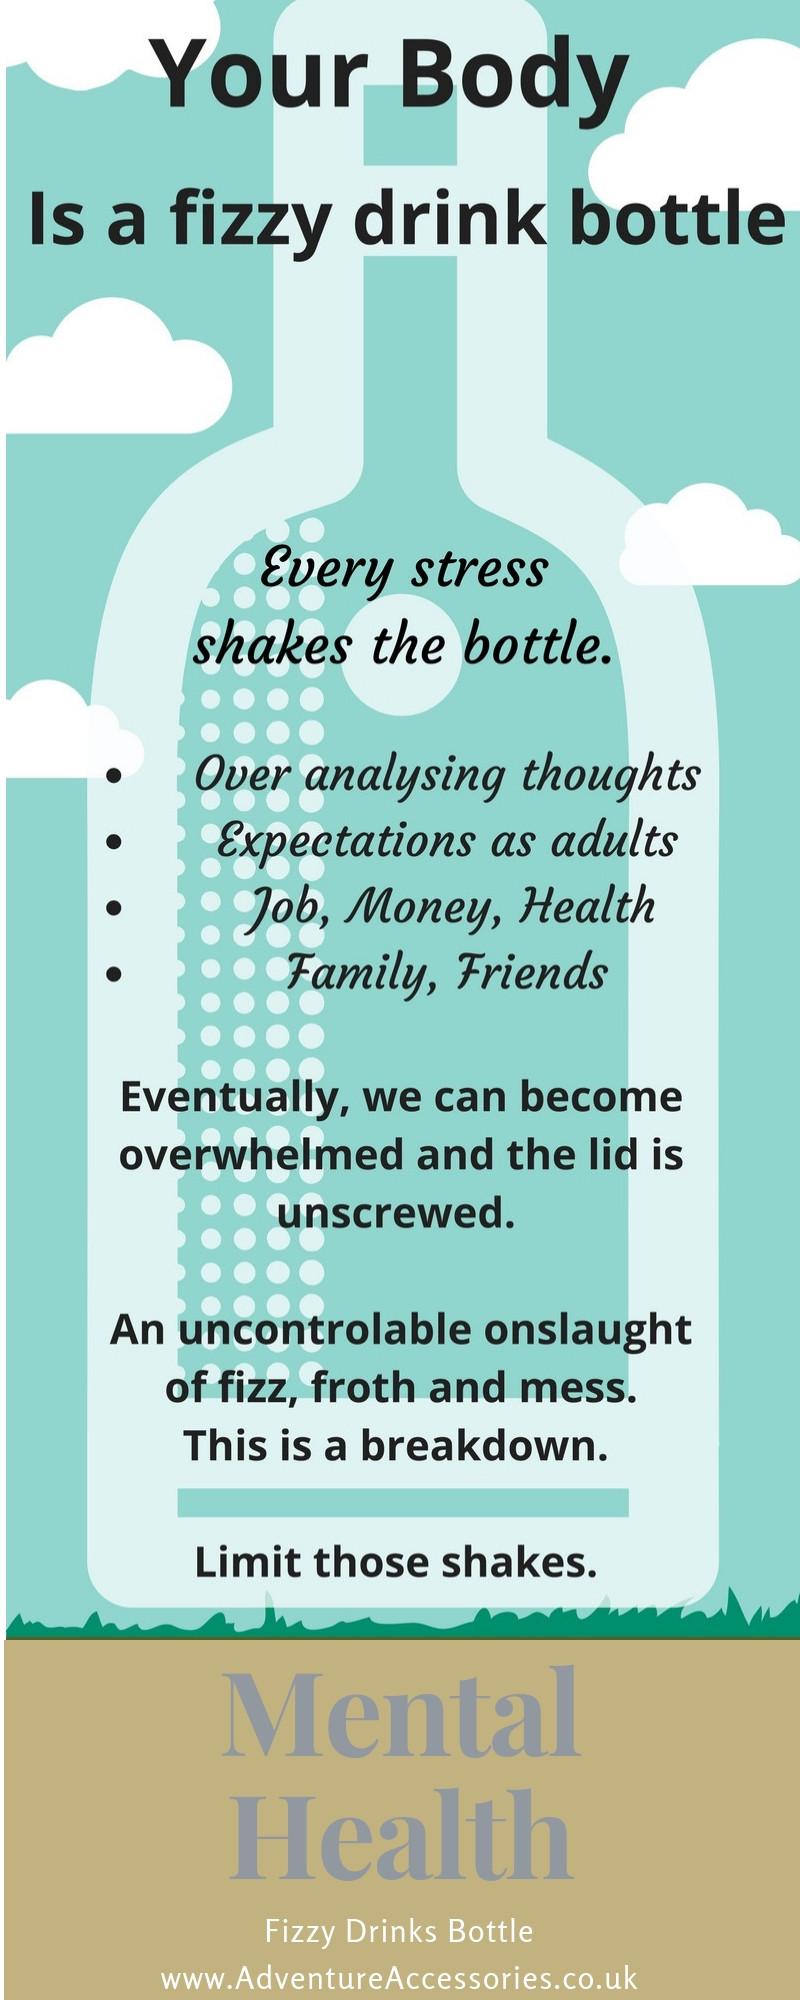 Mental Health, Fizzy Bottle Metaphor. Adventure Accessories